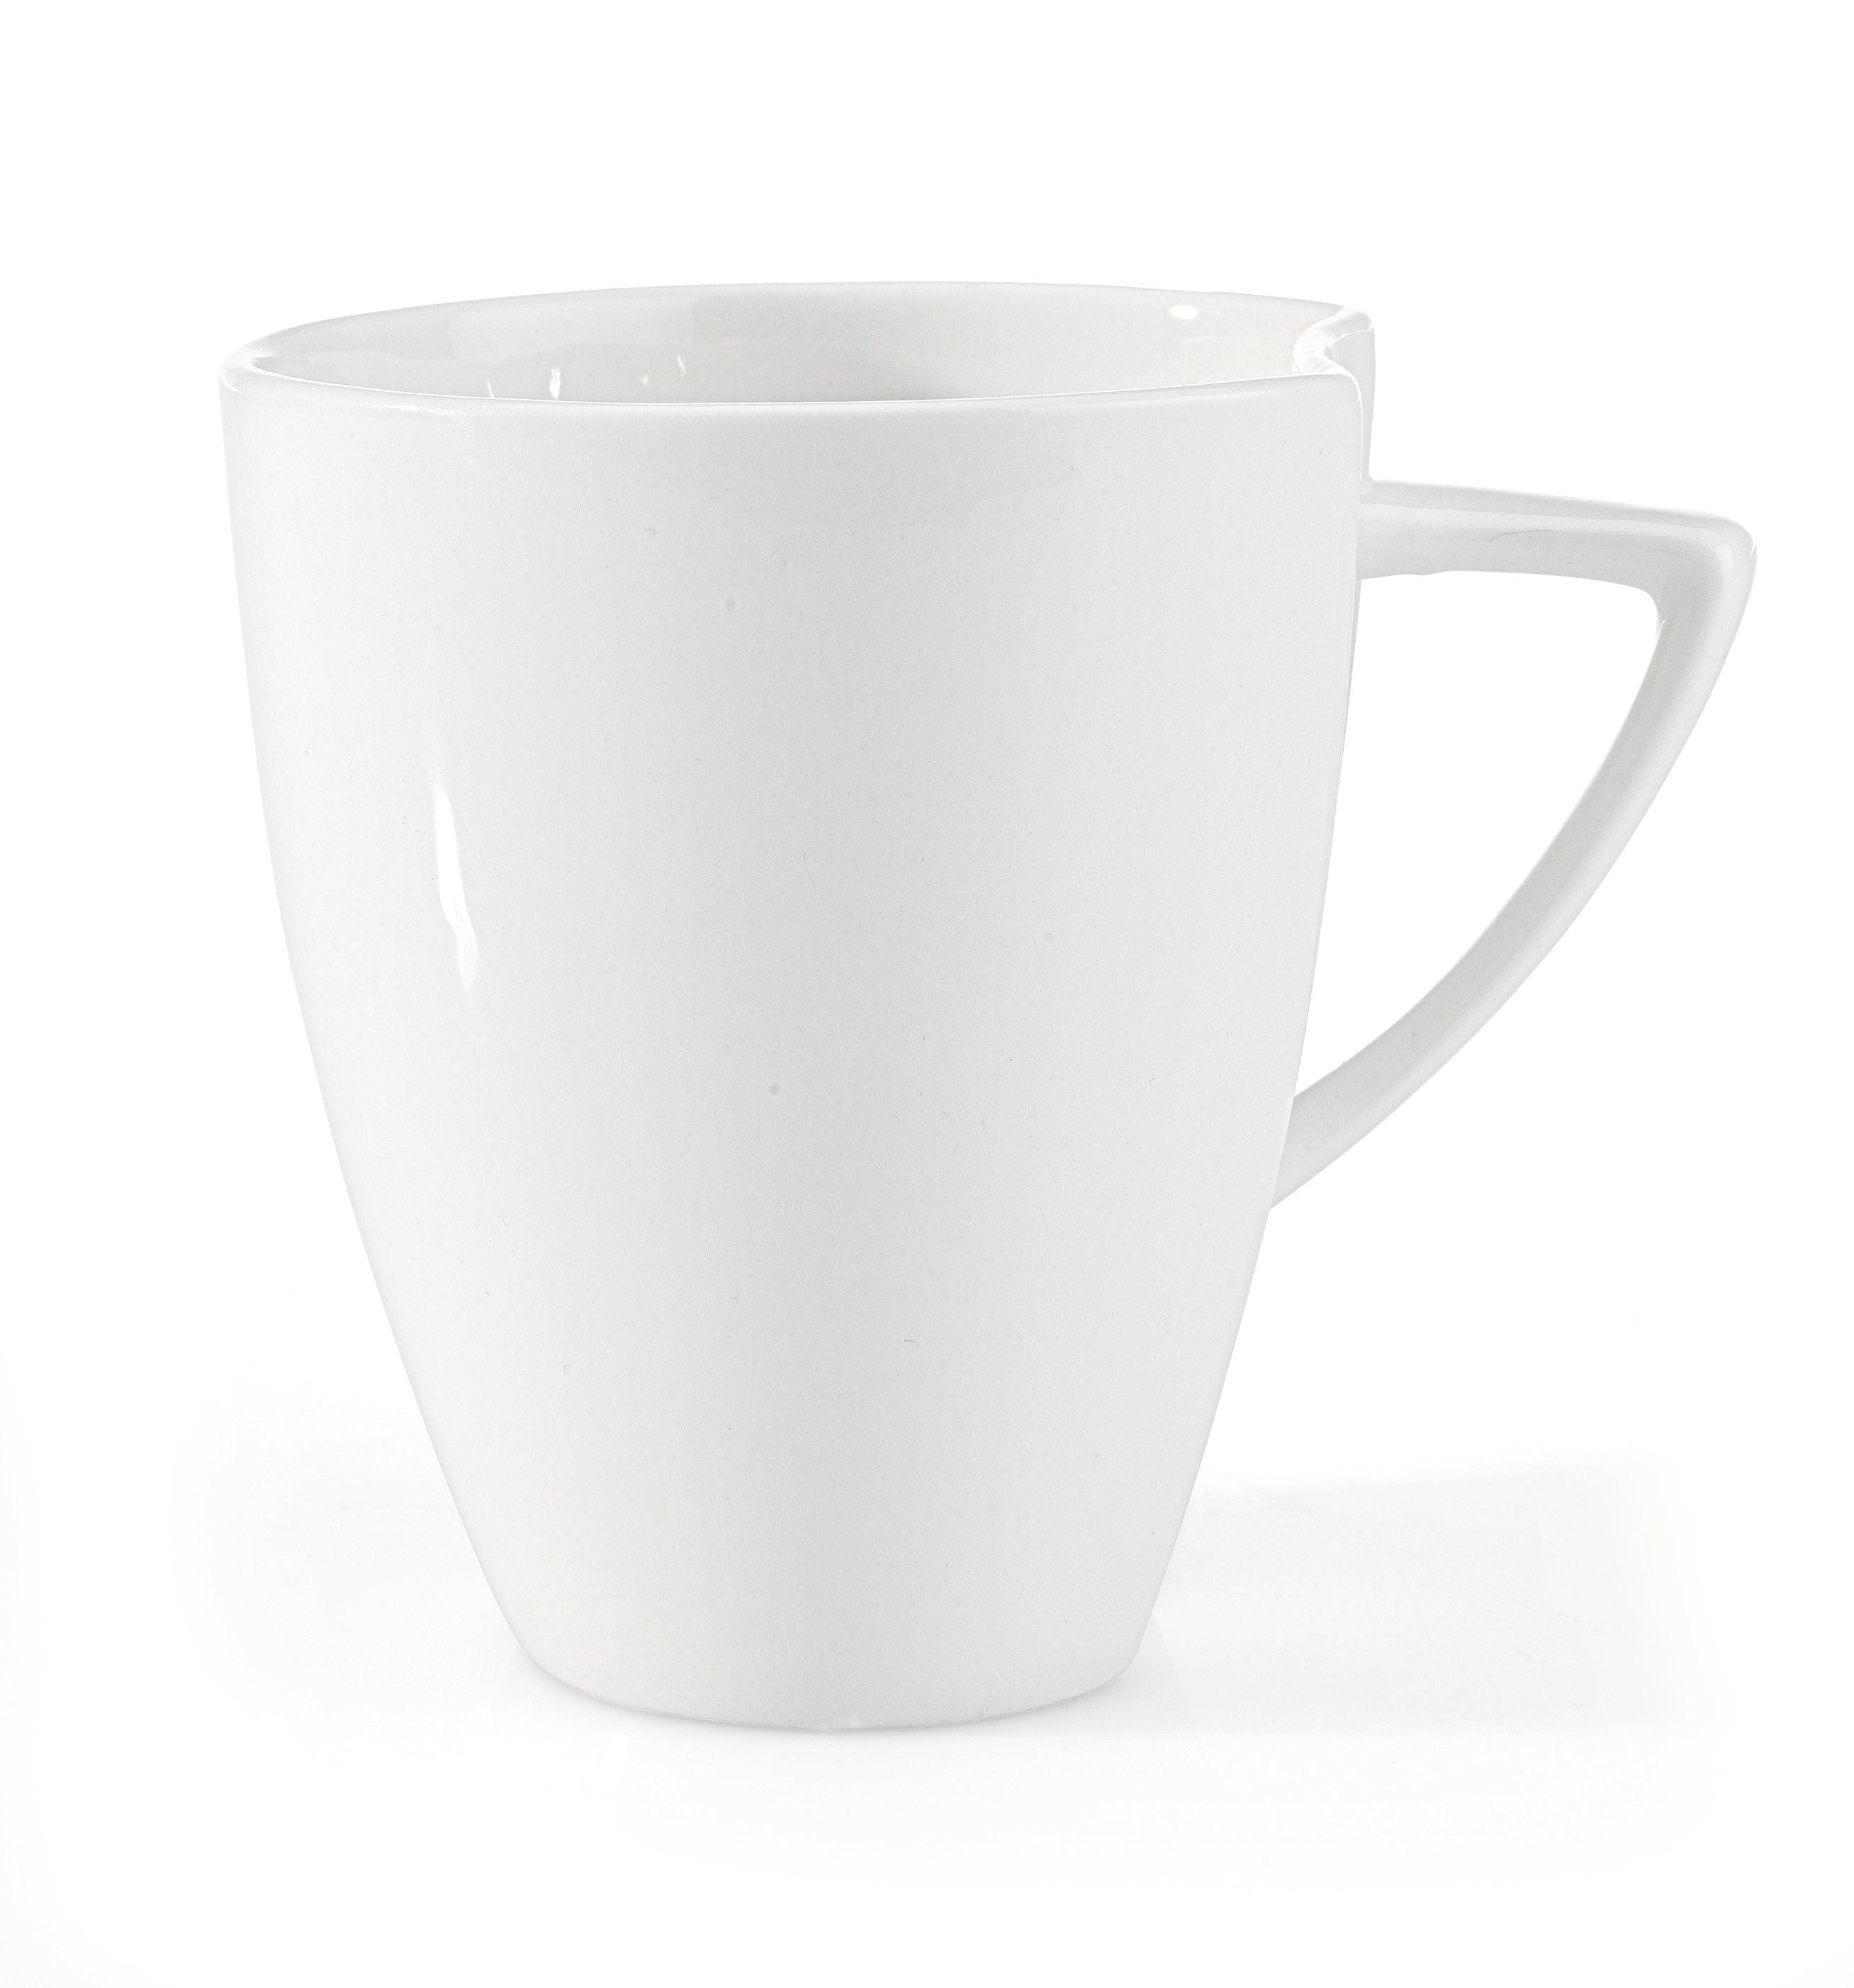 Kaffeebecher Tacoma in Weiß - Weiß, LIFESTYLE, Keramik (8,4/9,8cm) - PREMIUM LIVING